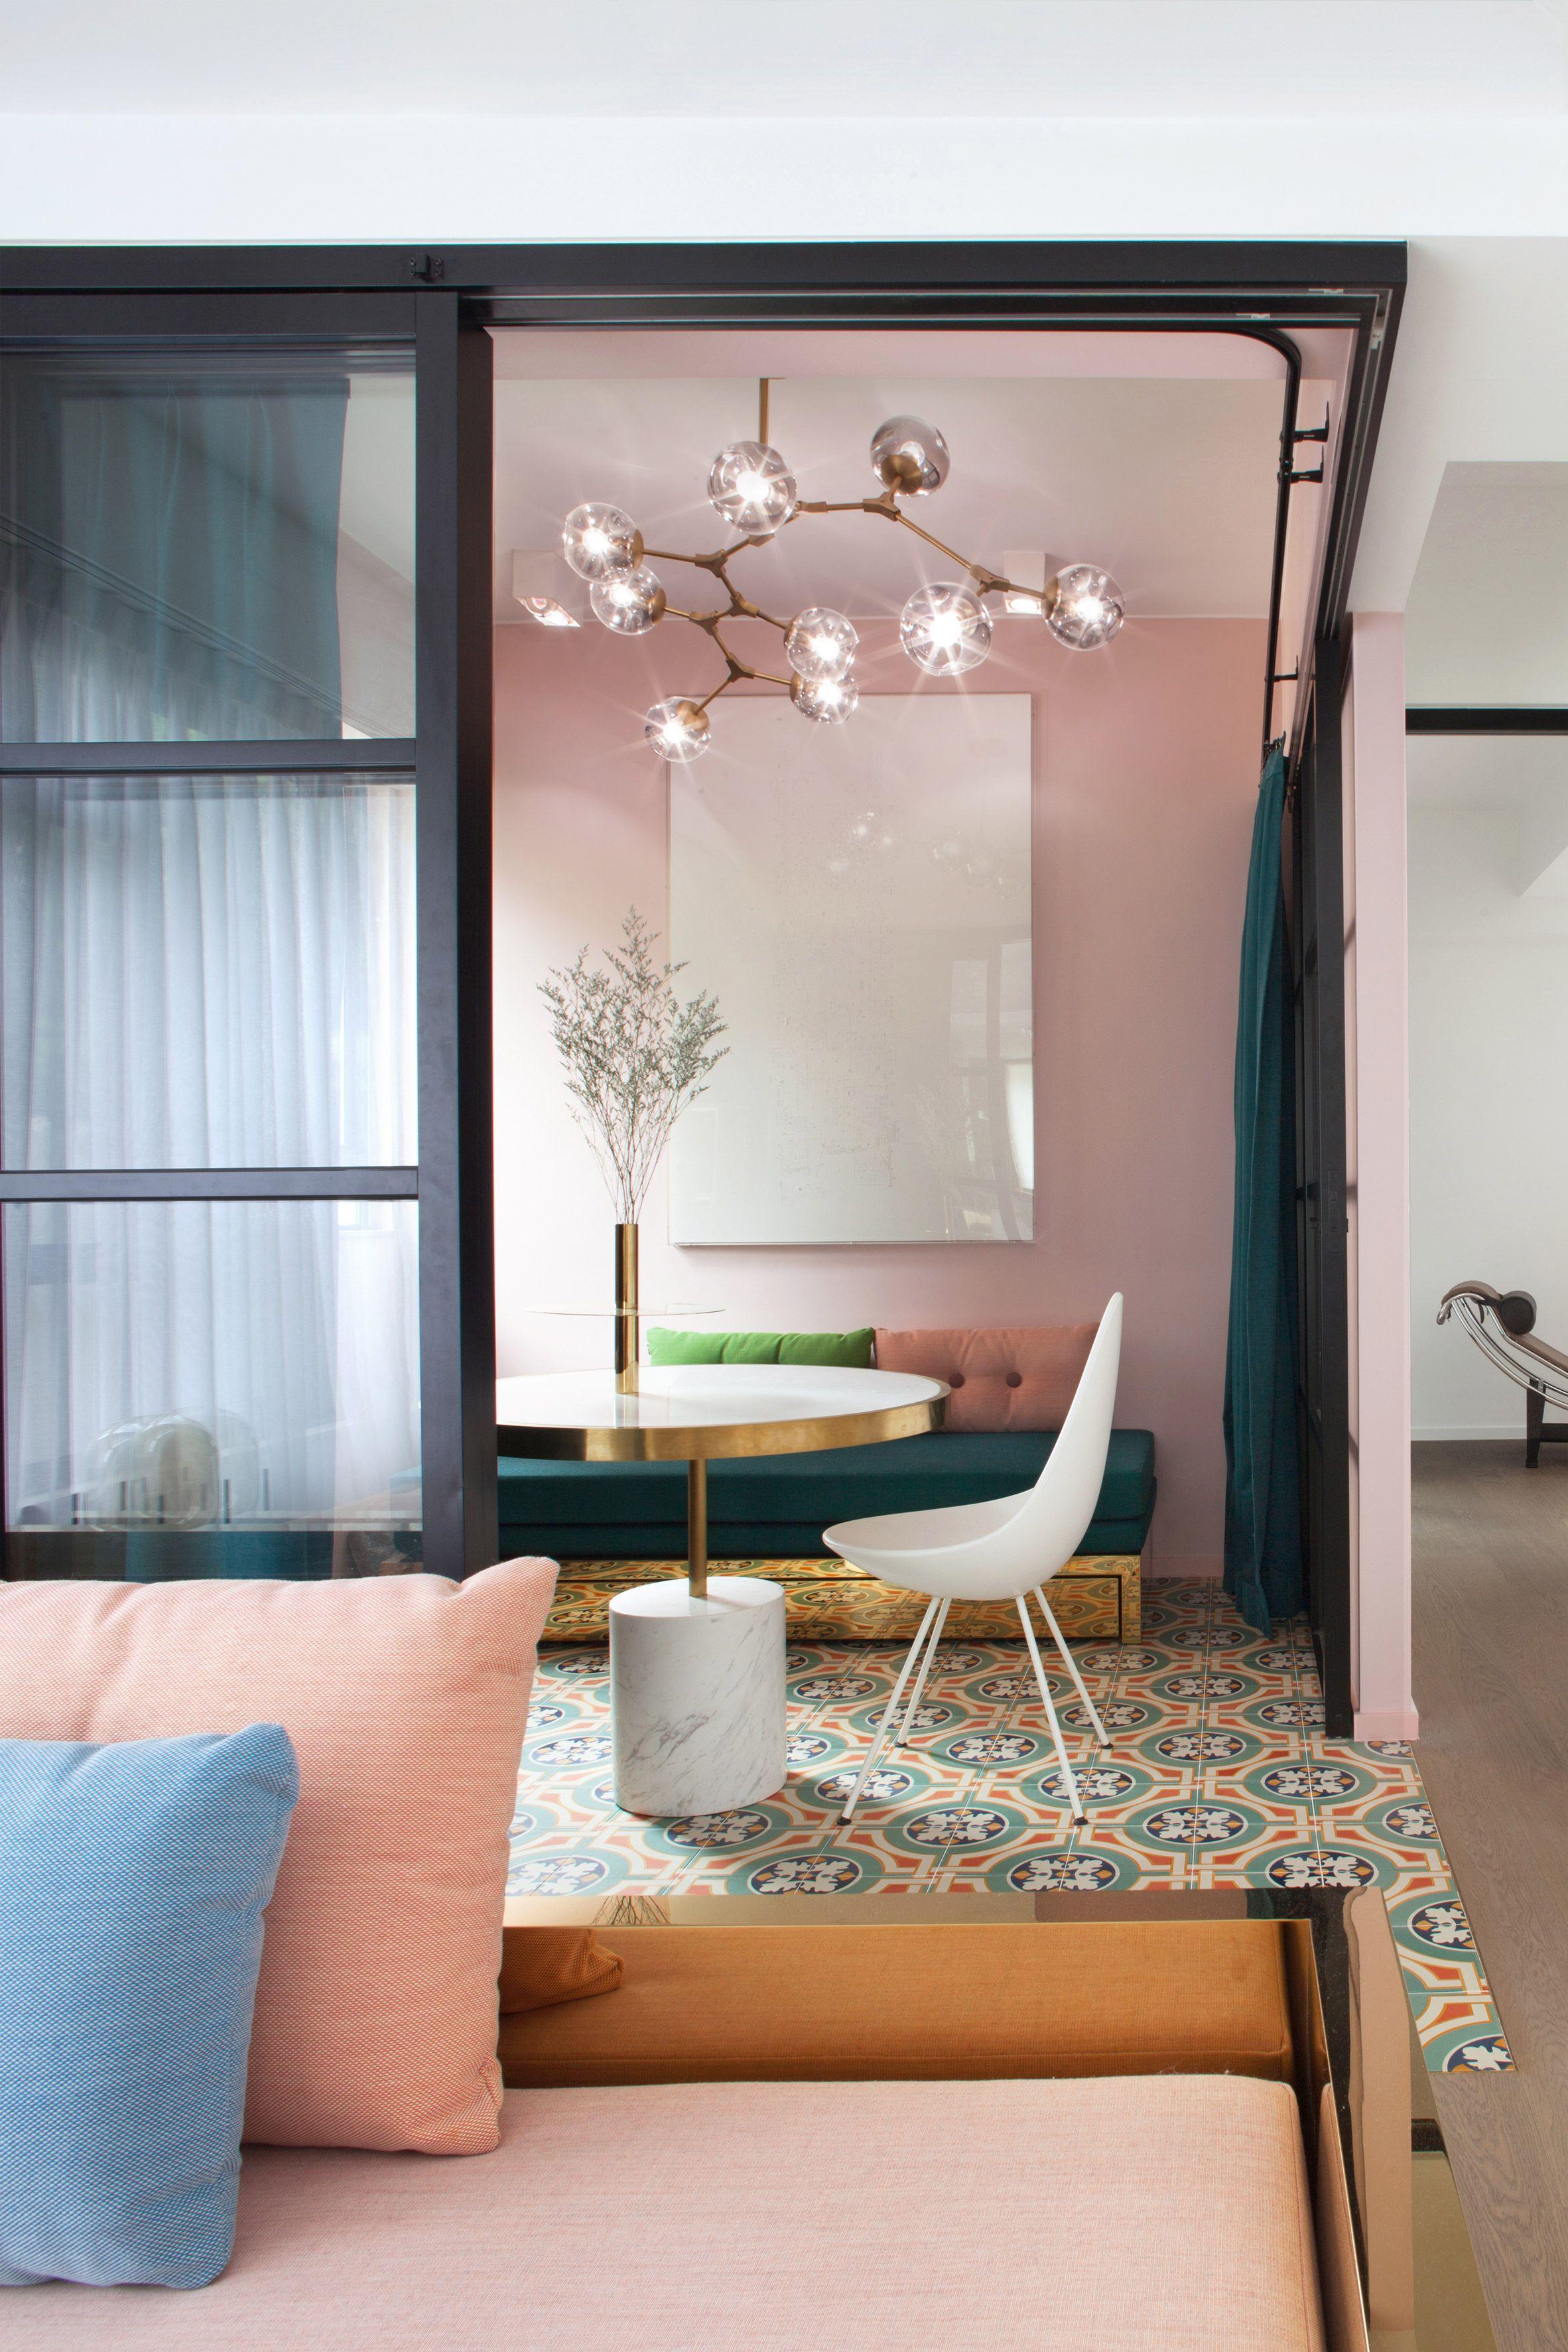 Super Condo Interior Design Ideas For Small Condo Space House